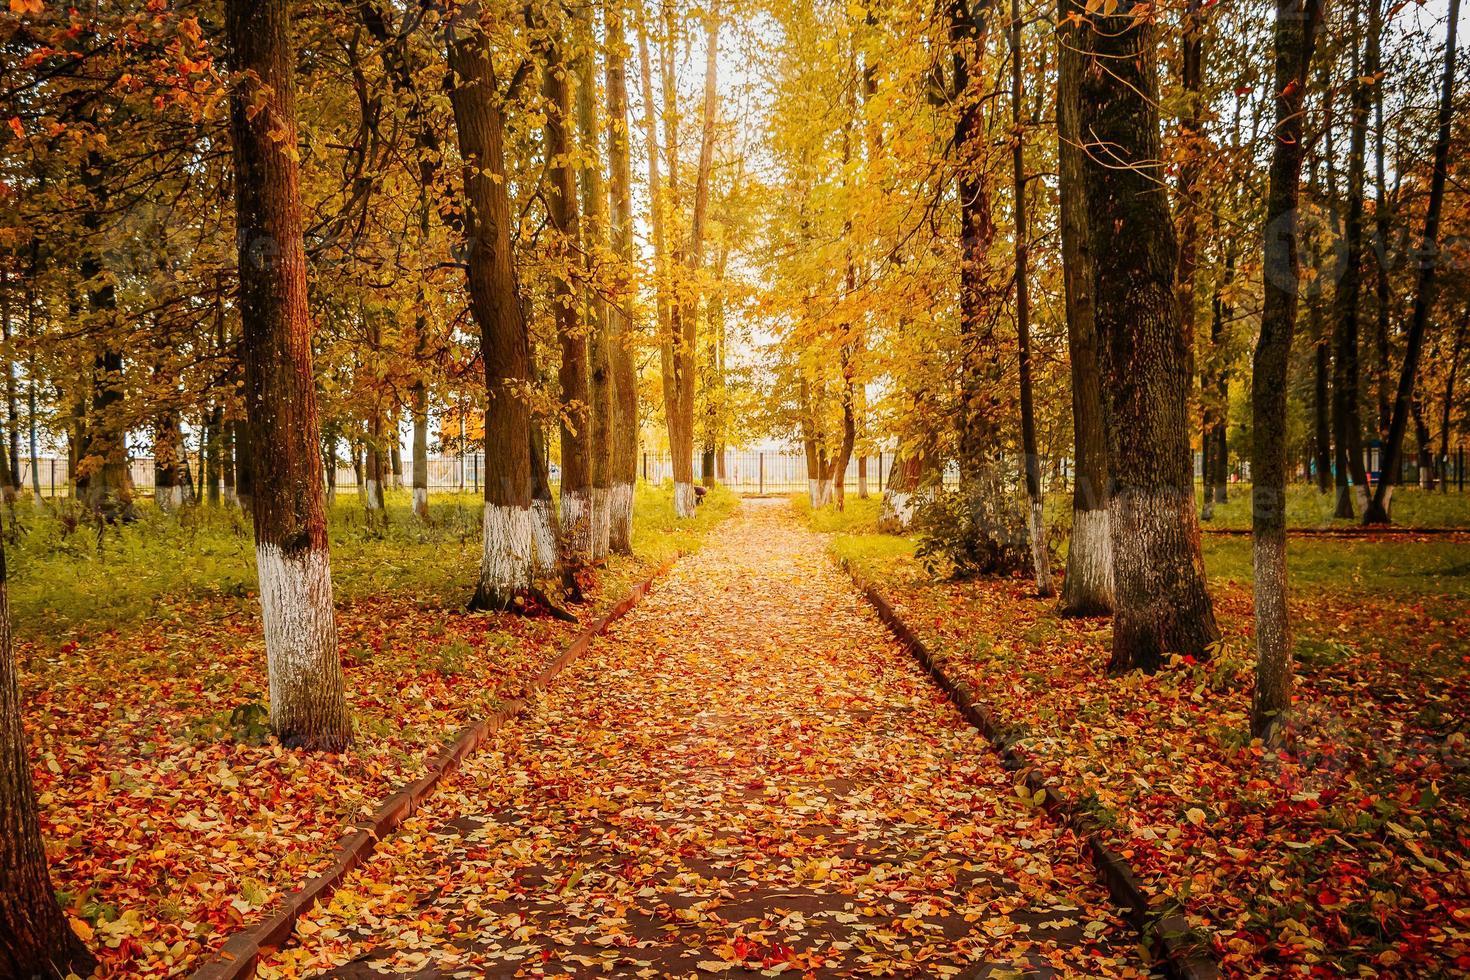 lindo parque de outono, caminhos entre árvores amarelas ao sol foto